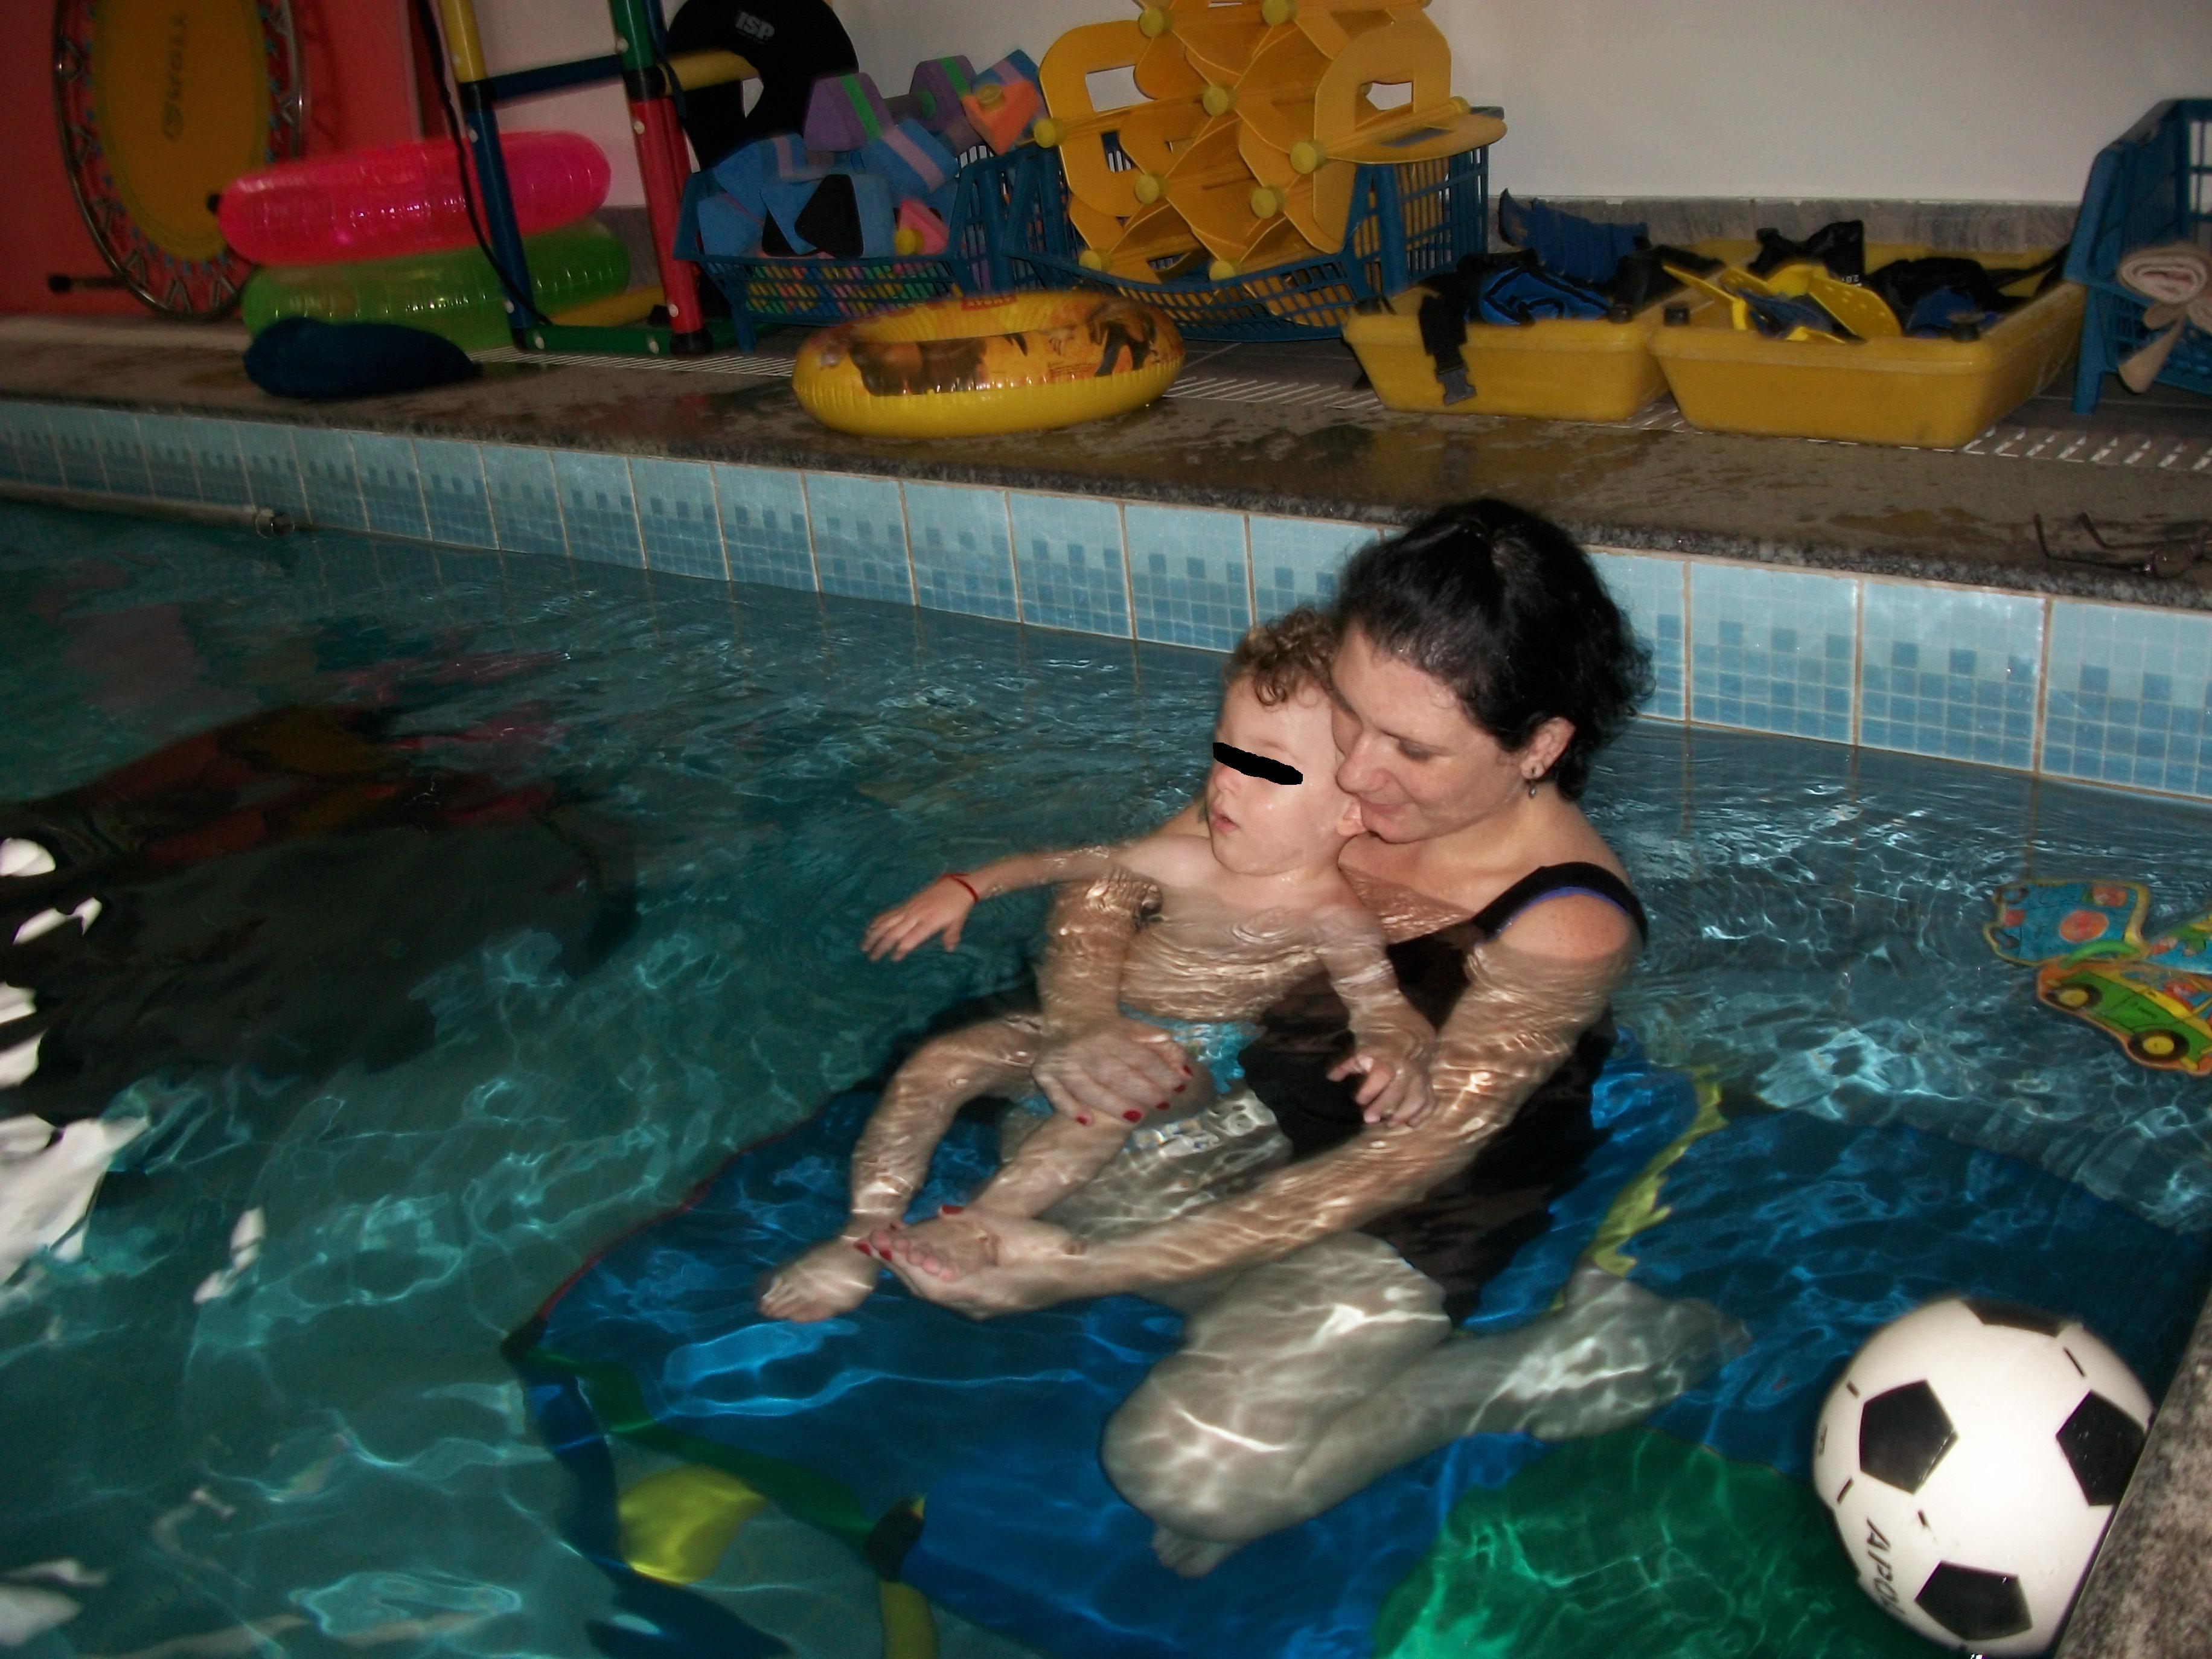 https://robertagiafarov.files.wordpress.com/2012/05/hidroterapia-em-crianc3a7a-com-pc-2.jpg